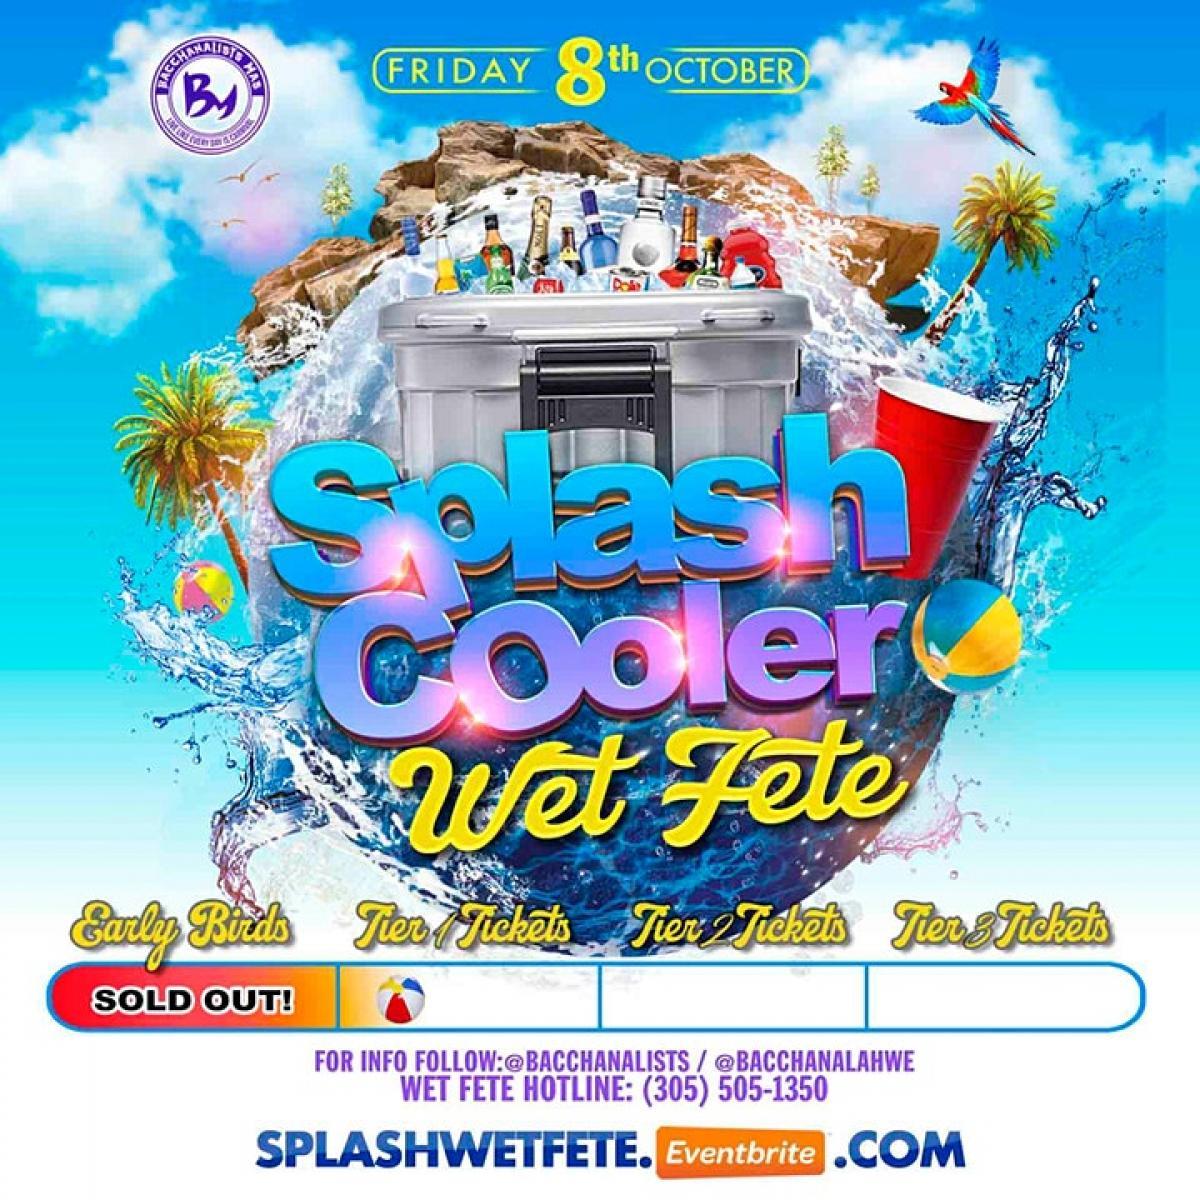 Splash Cooler Wet Fete flyer or graphic.